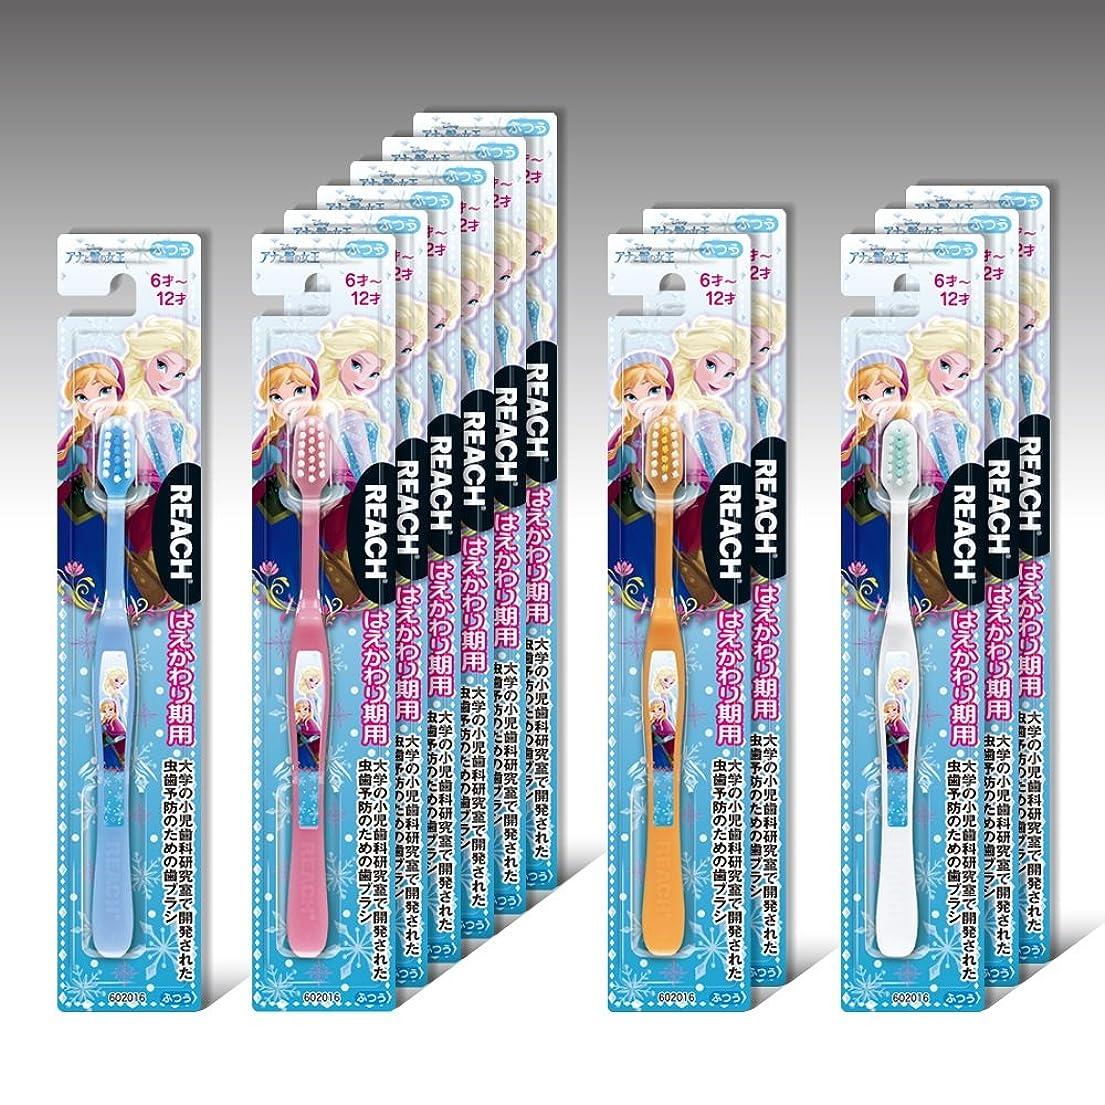 拒絶ダーリン主張リーチキッズ ディズニー アナと雪の女王 はえかわり期用(6~12才) 12本セット